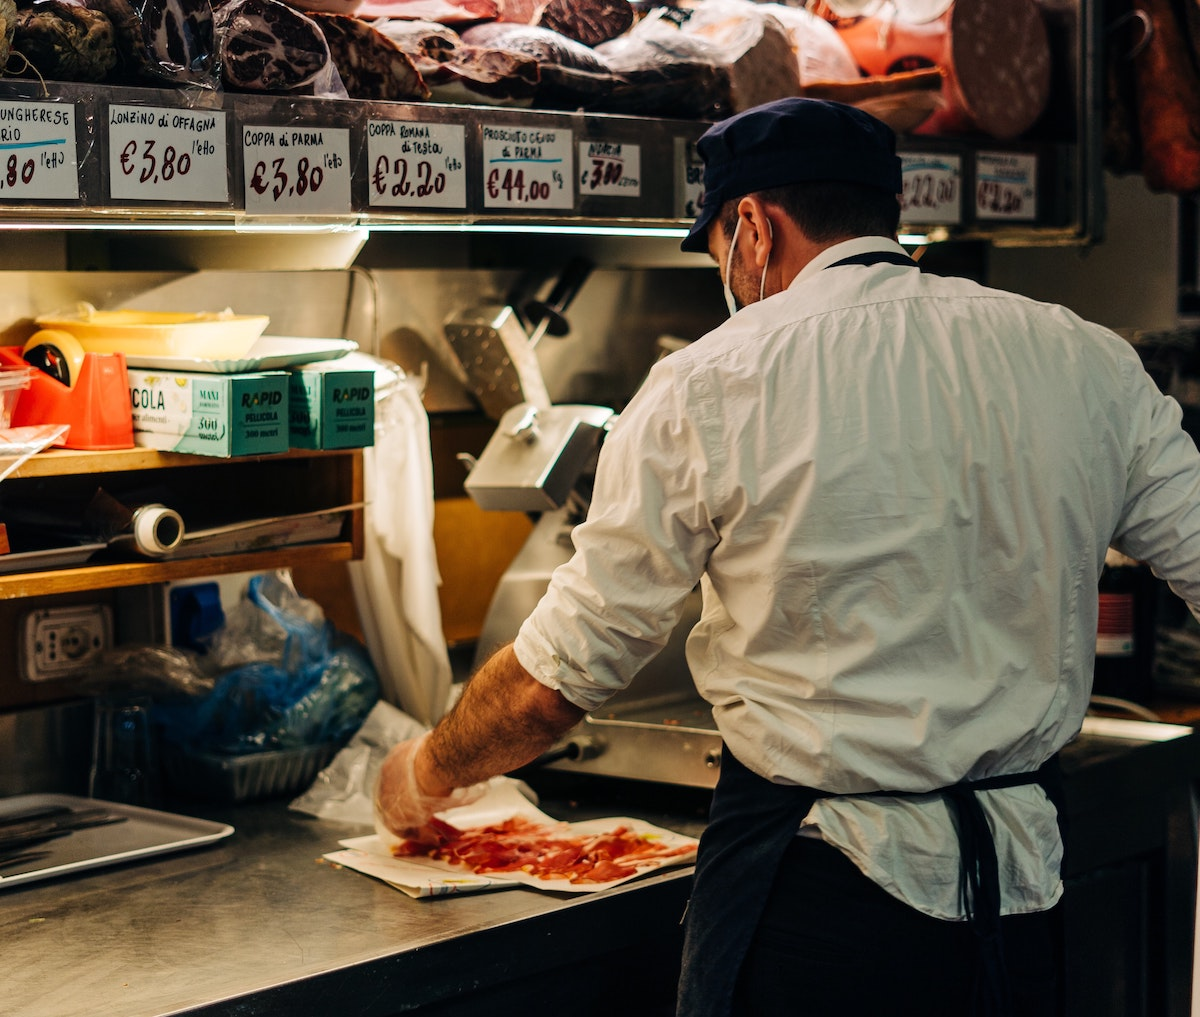 肉屋、イタリア市場、イタリア風景、イタリア